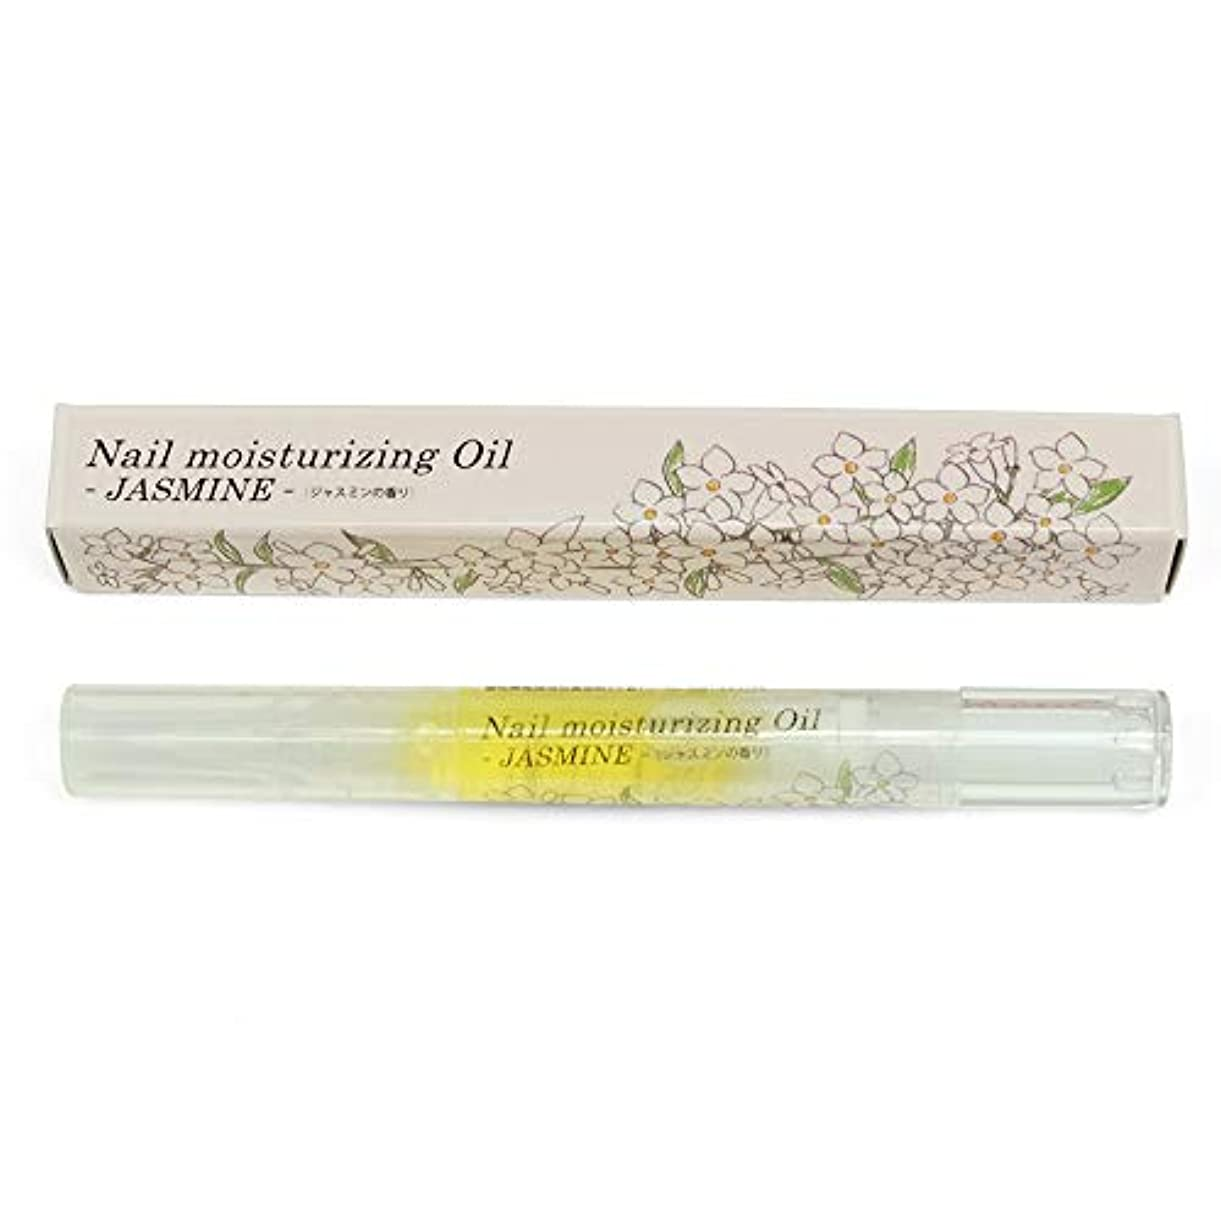 赤北極圏前にease Nail moisturizing Oil ネイルオイルペン(ジャスミンの香り) 2ml